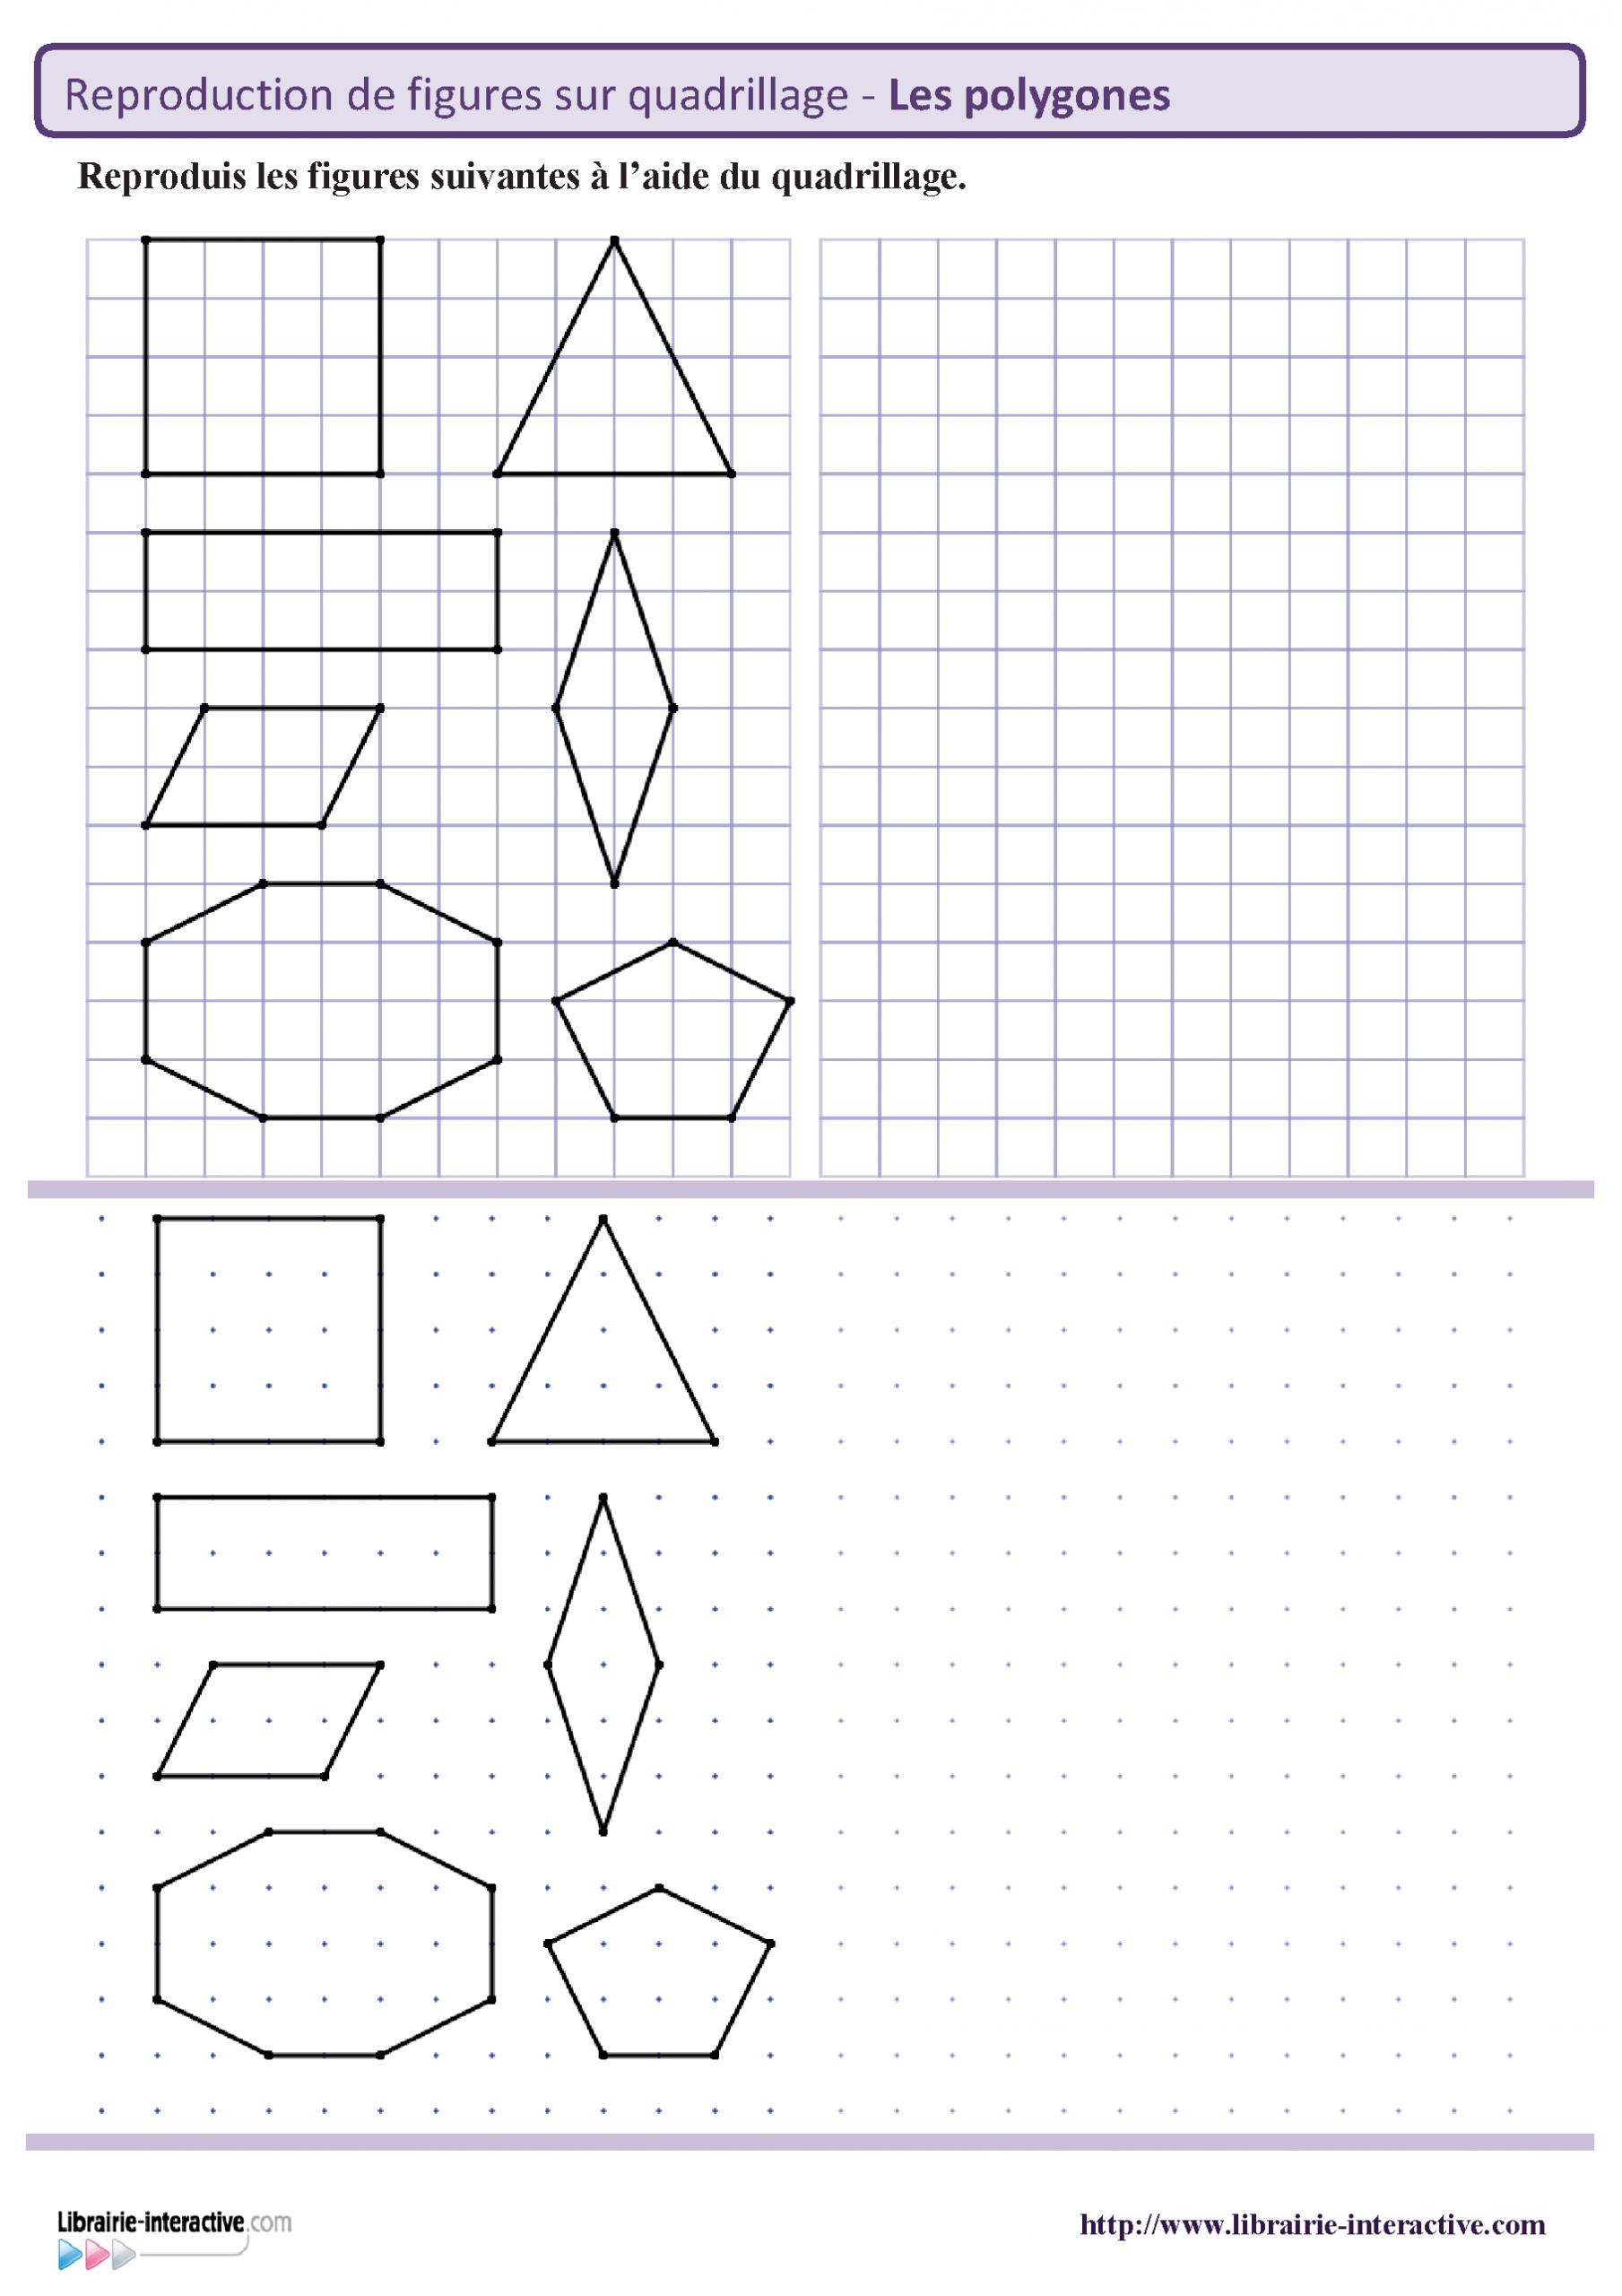 Reproduction Des Principaux Polygones Sur Quadrillage Et pour Reproduction Sur Quadrillage Ce1